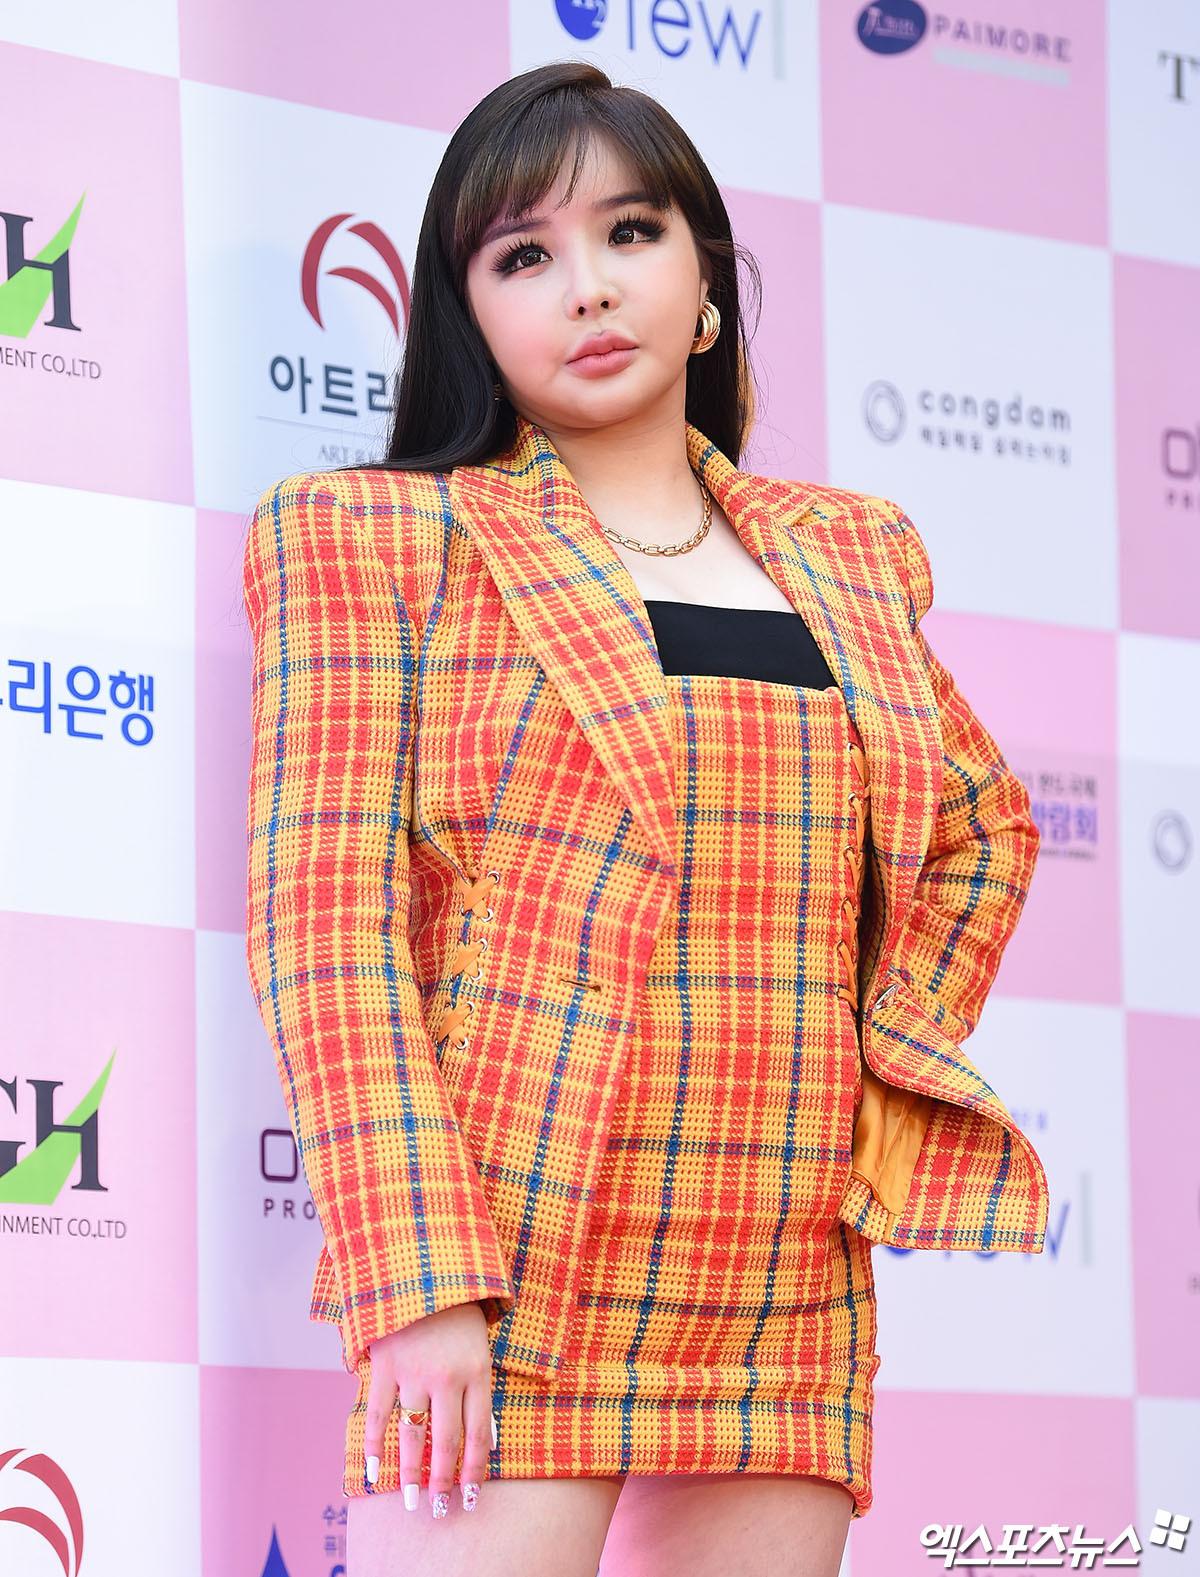 Ngày 3/6, Park Bom xuất hiện trên thảm đỏ lễ trao giảiGrand Bell Awards. Gương mặt sưng vù, biến dạng cùng thân hình đồ sộ của nữ ca sĩ khiến công chúng ngỡ ngàng, không ngừng bàn tán.